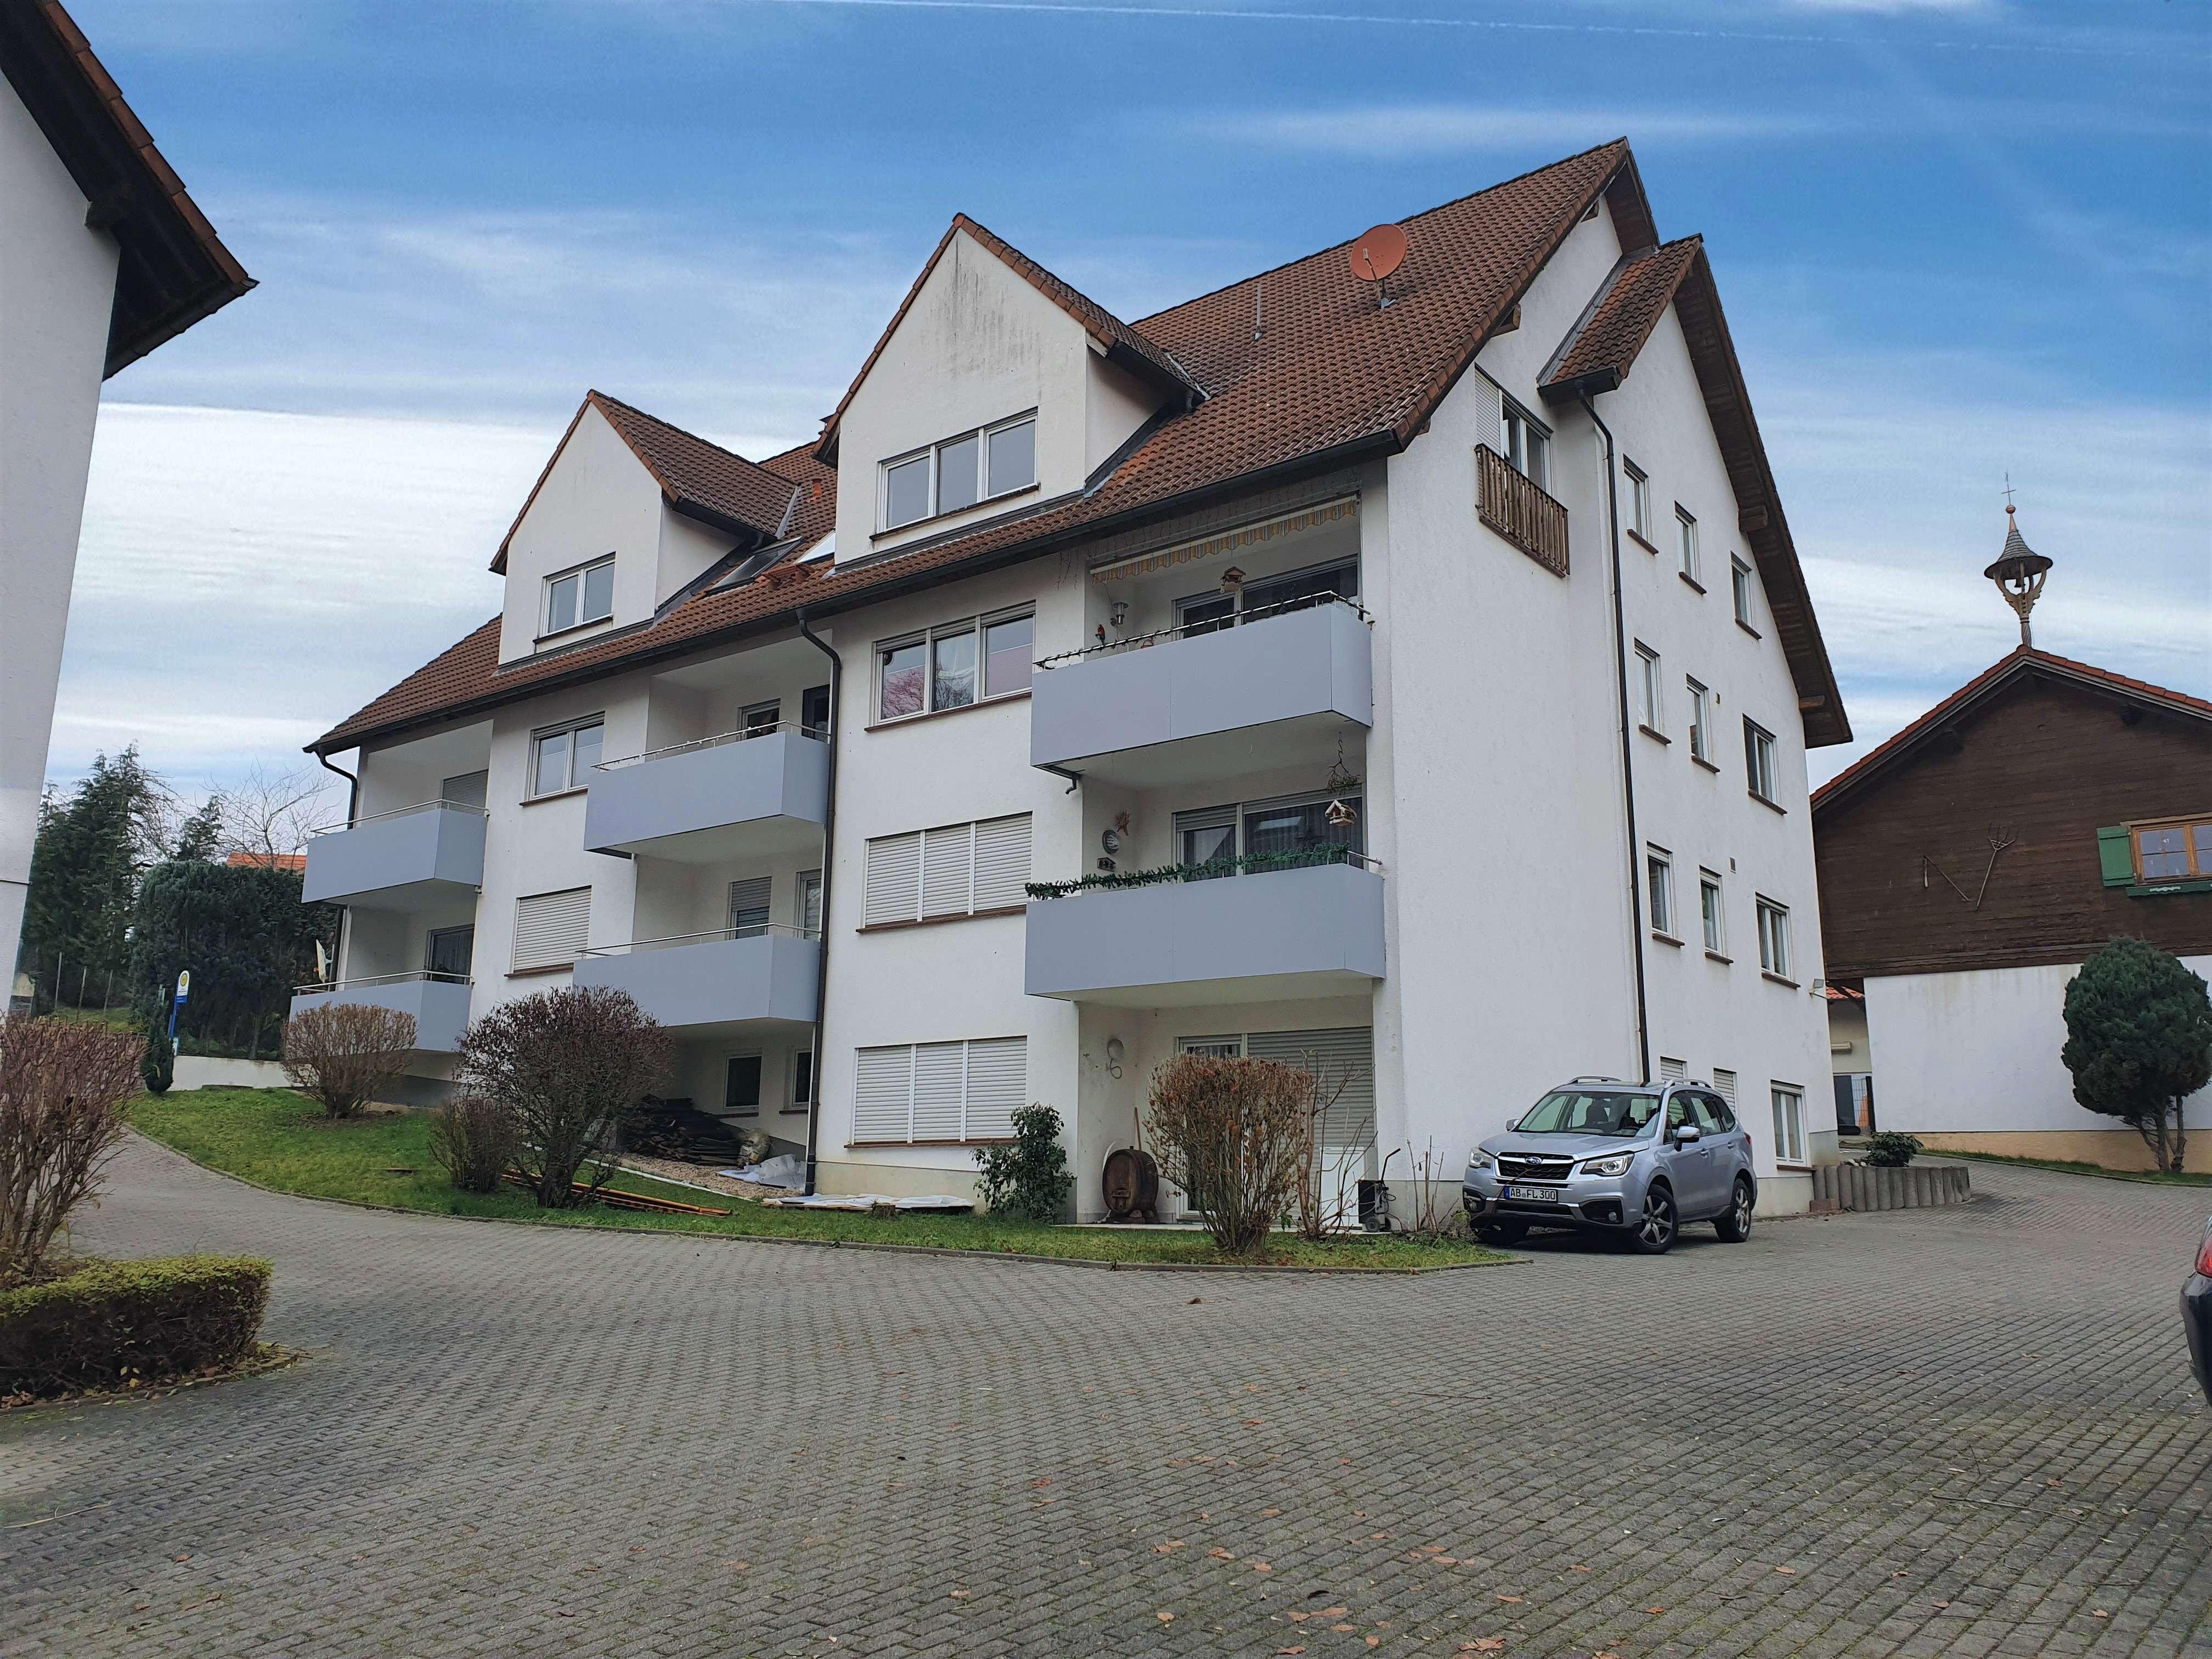 Gepflegte 3 Zi. Wohnung mit Tageslichtbad, Einbauküche und KFZ-Stellplatz in Krombach in